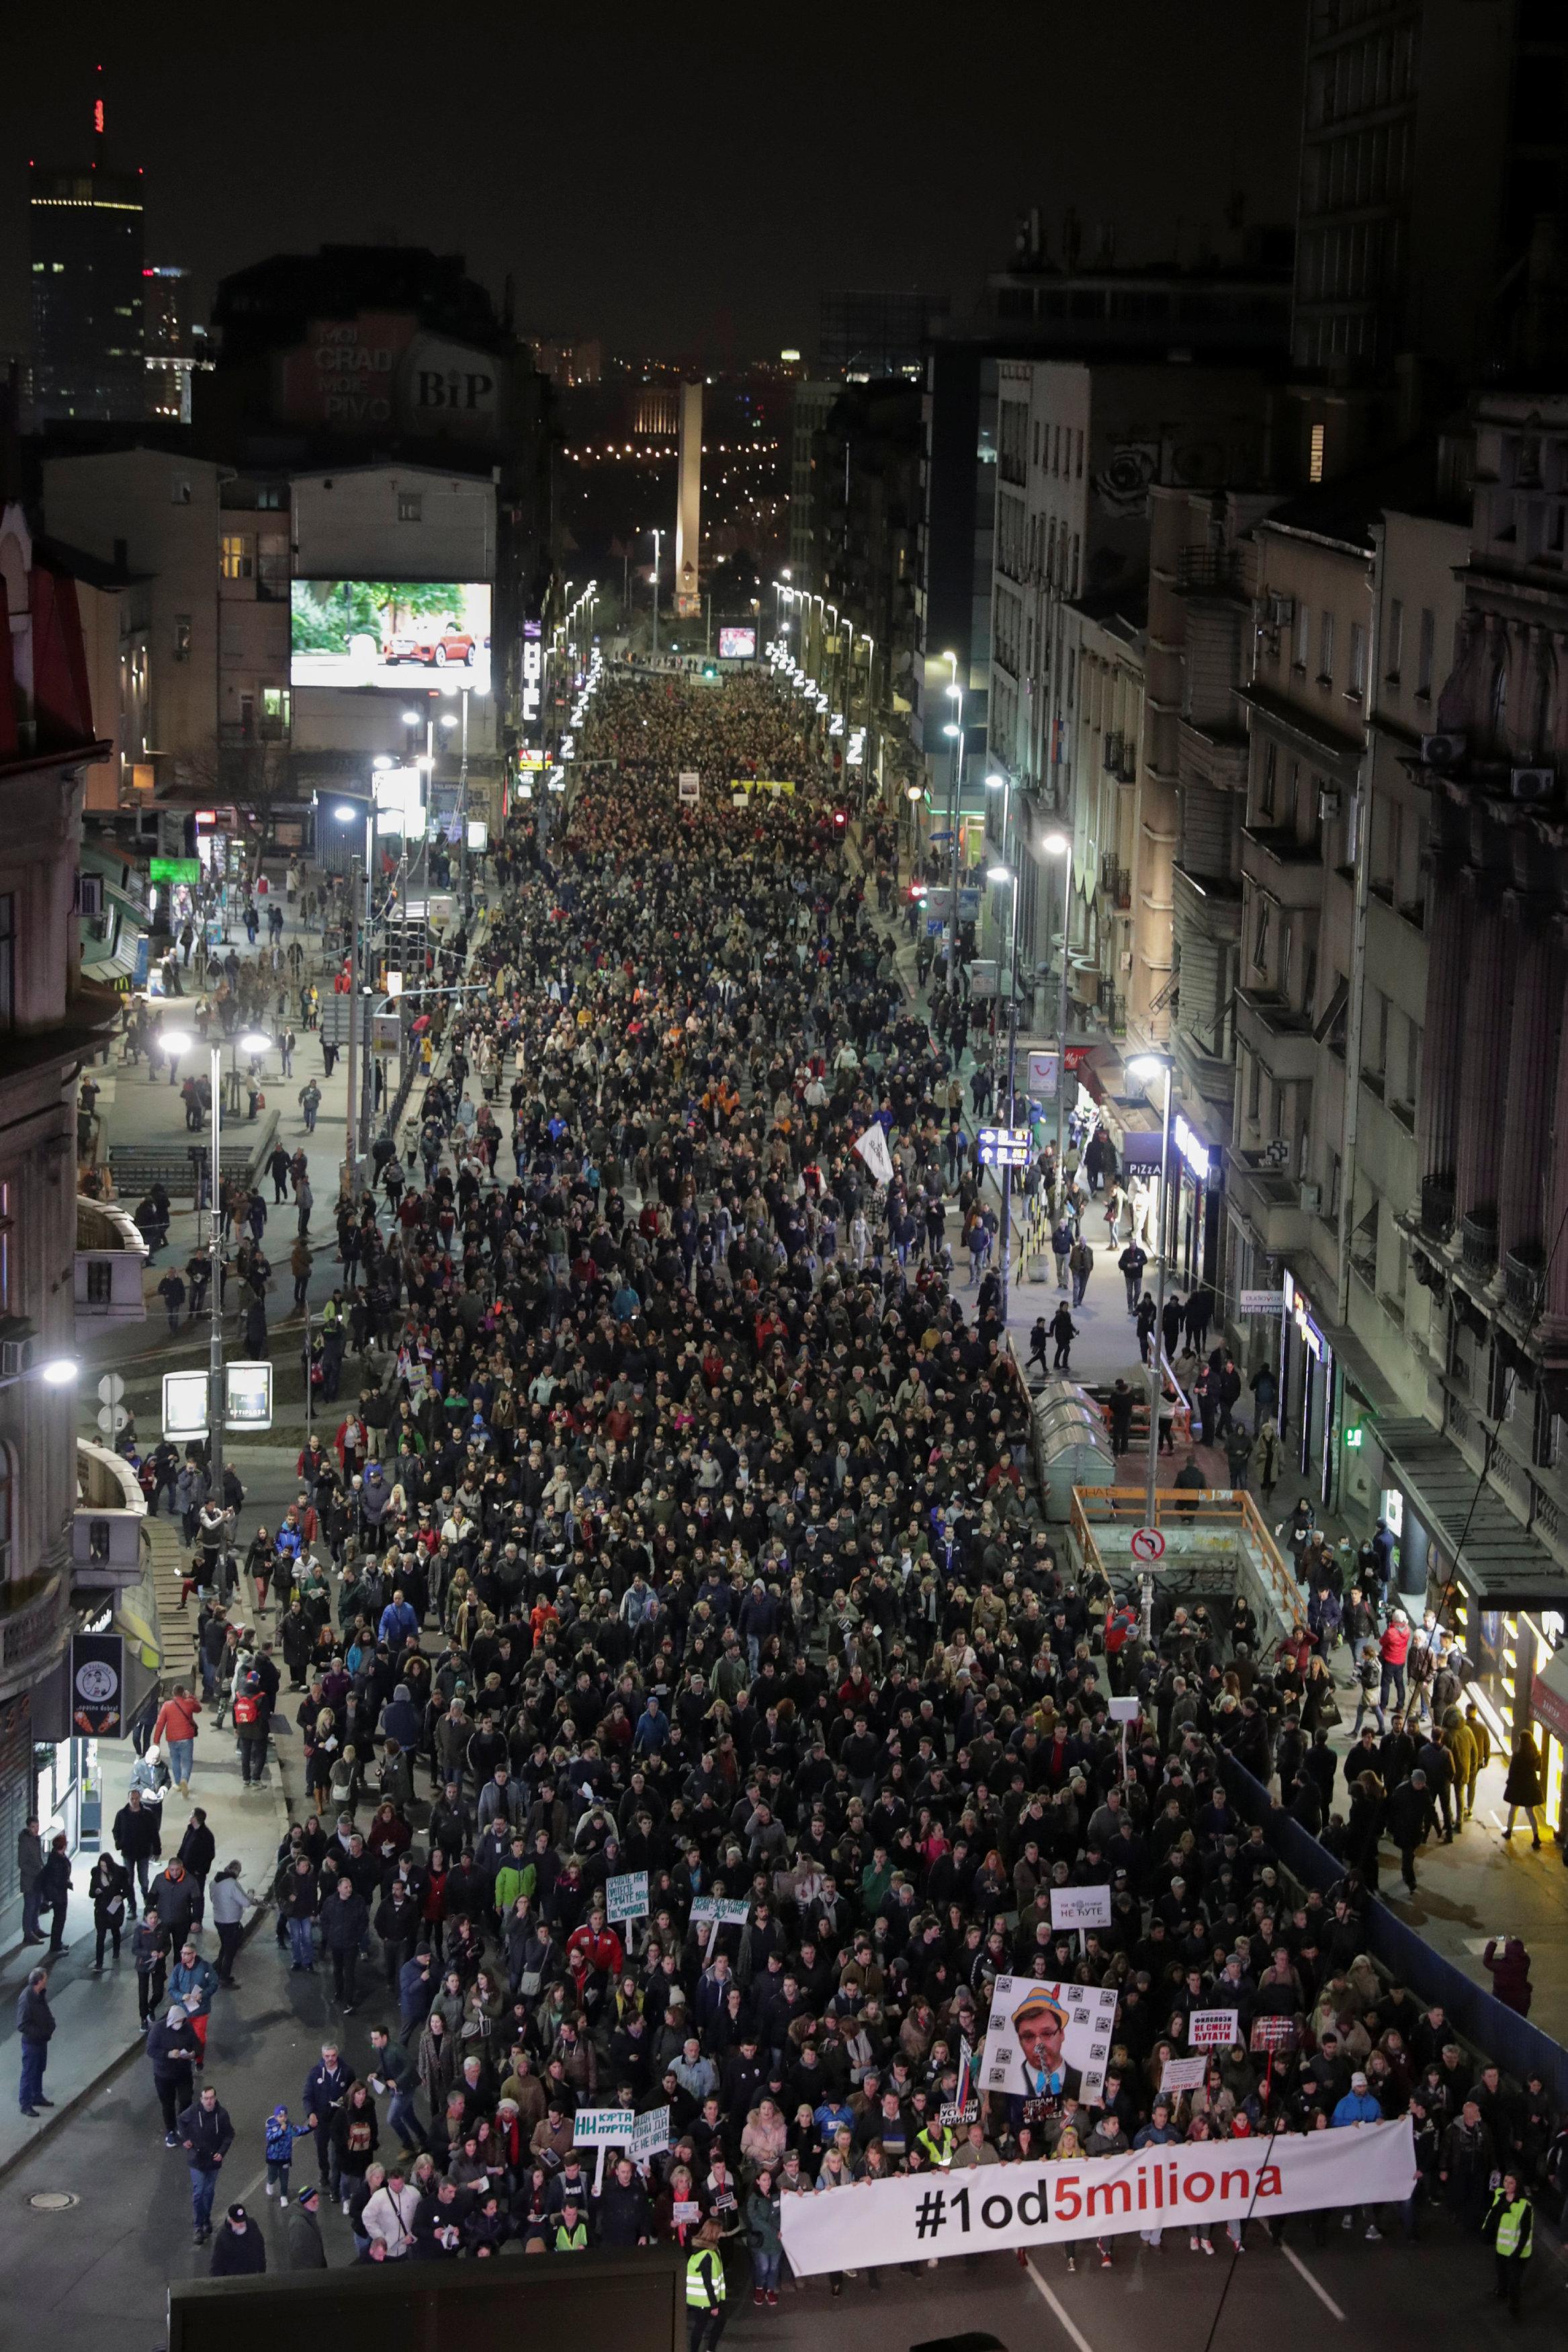 آلاف المتظاهرين يحتشدون فى شوارع بلجراد (4)